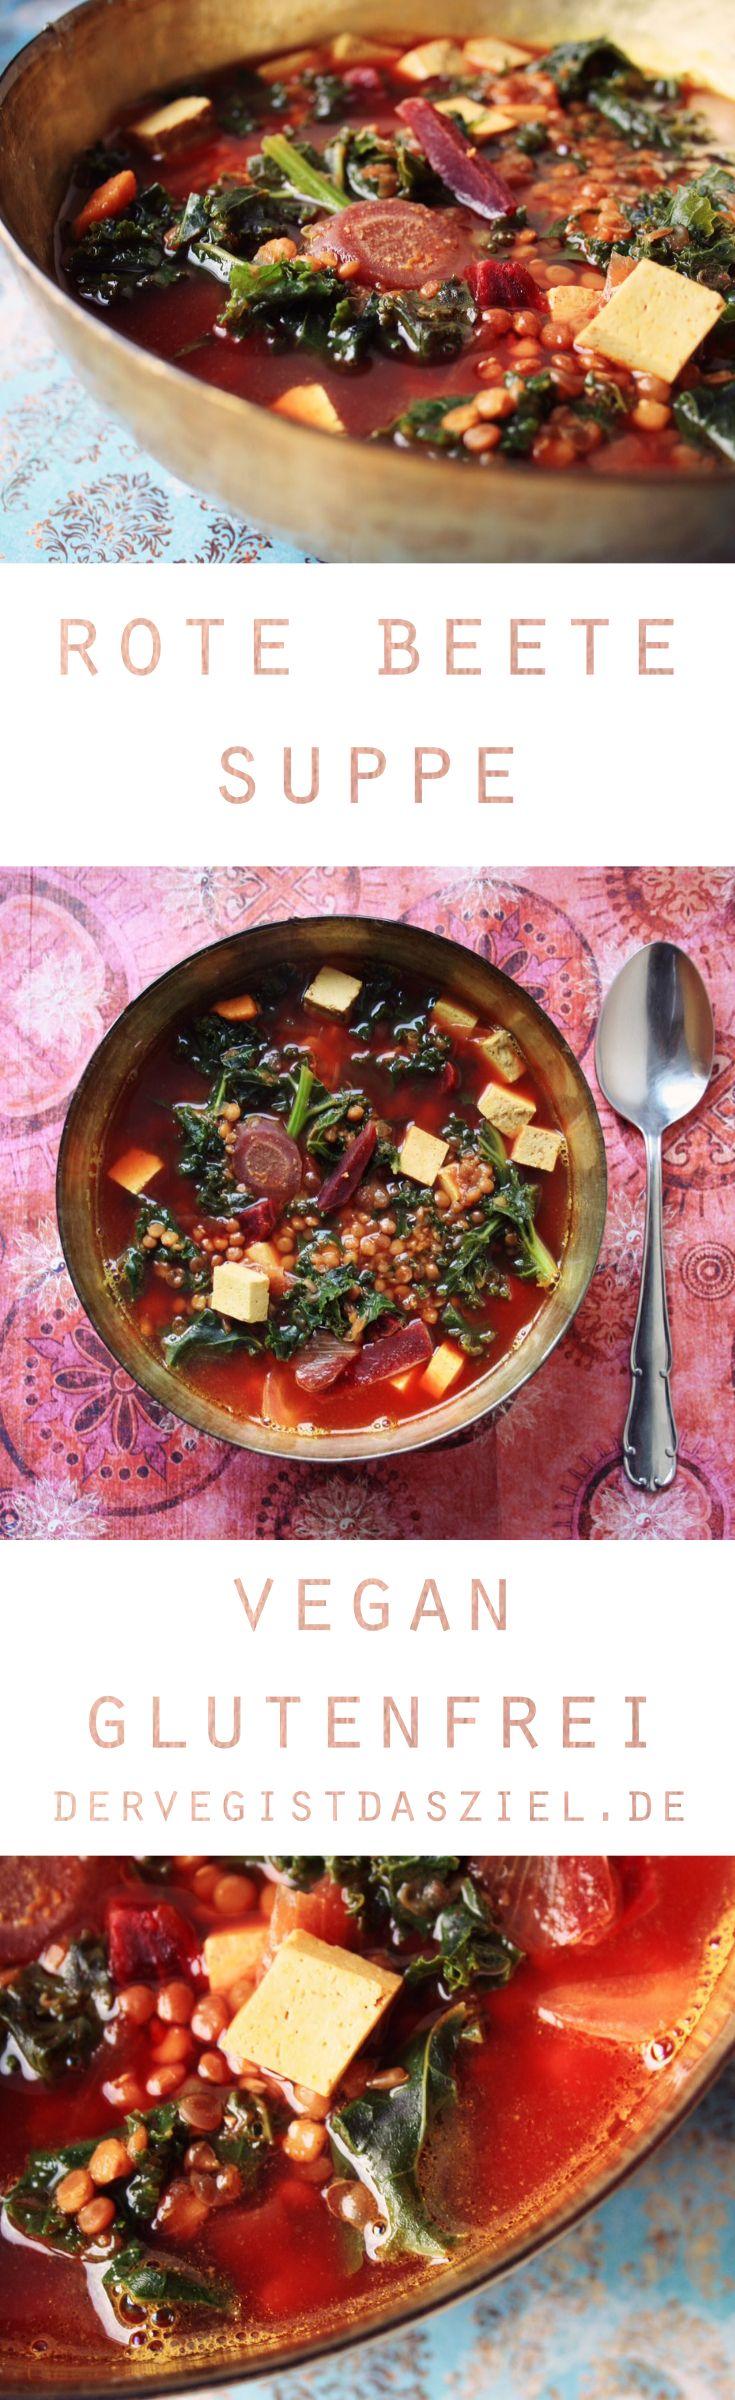 Rote Beete Suppe, vegan, glutenfrei